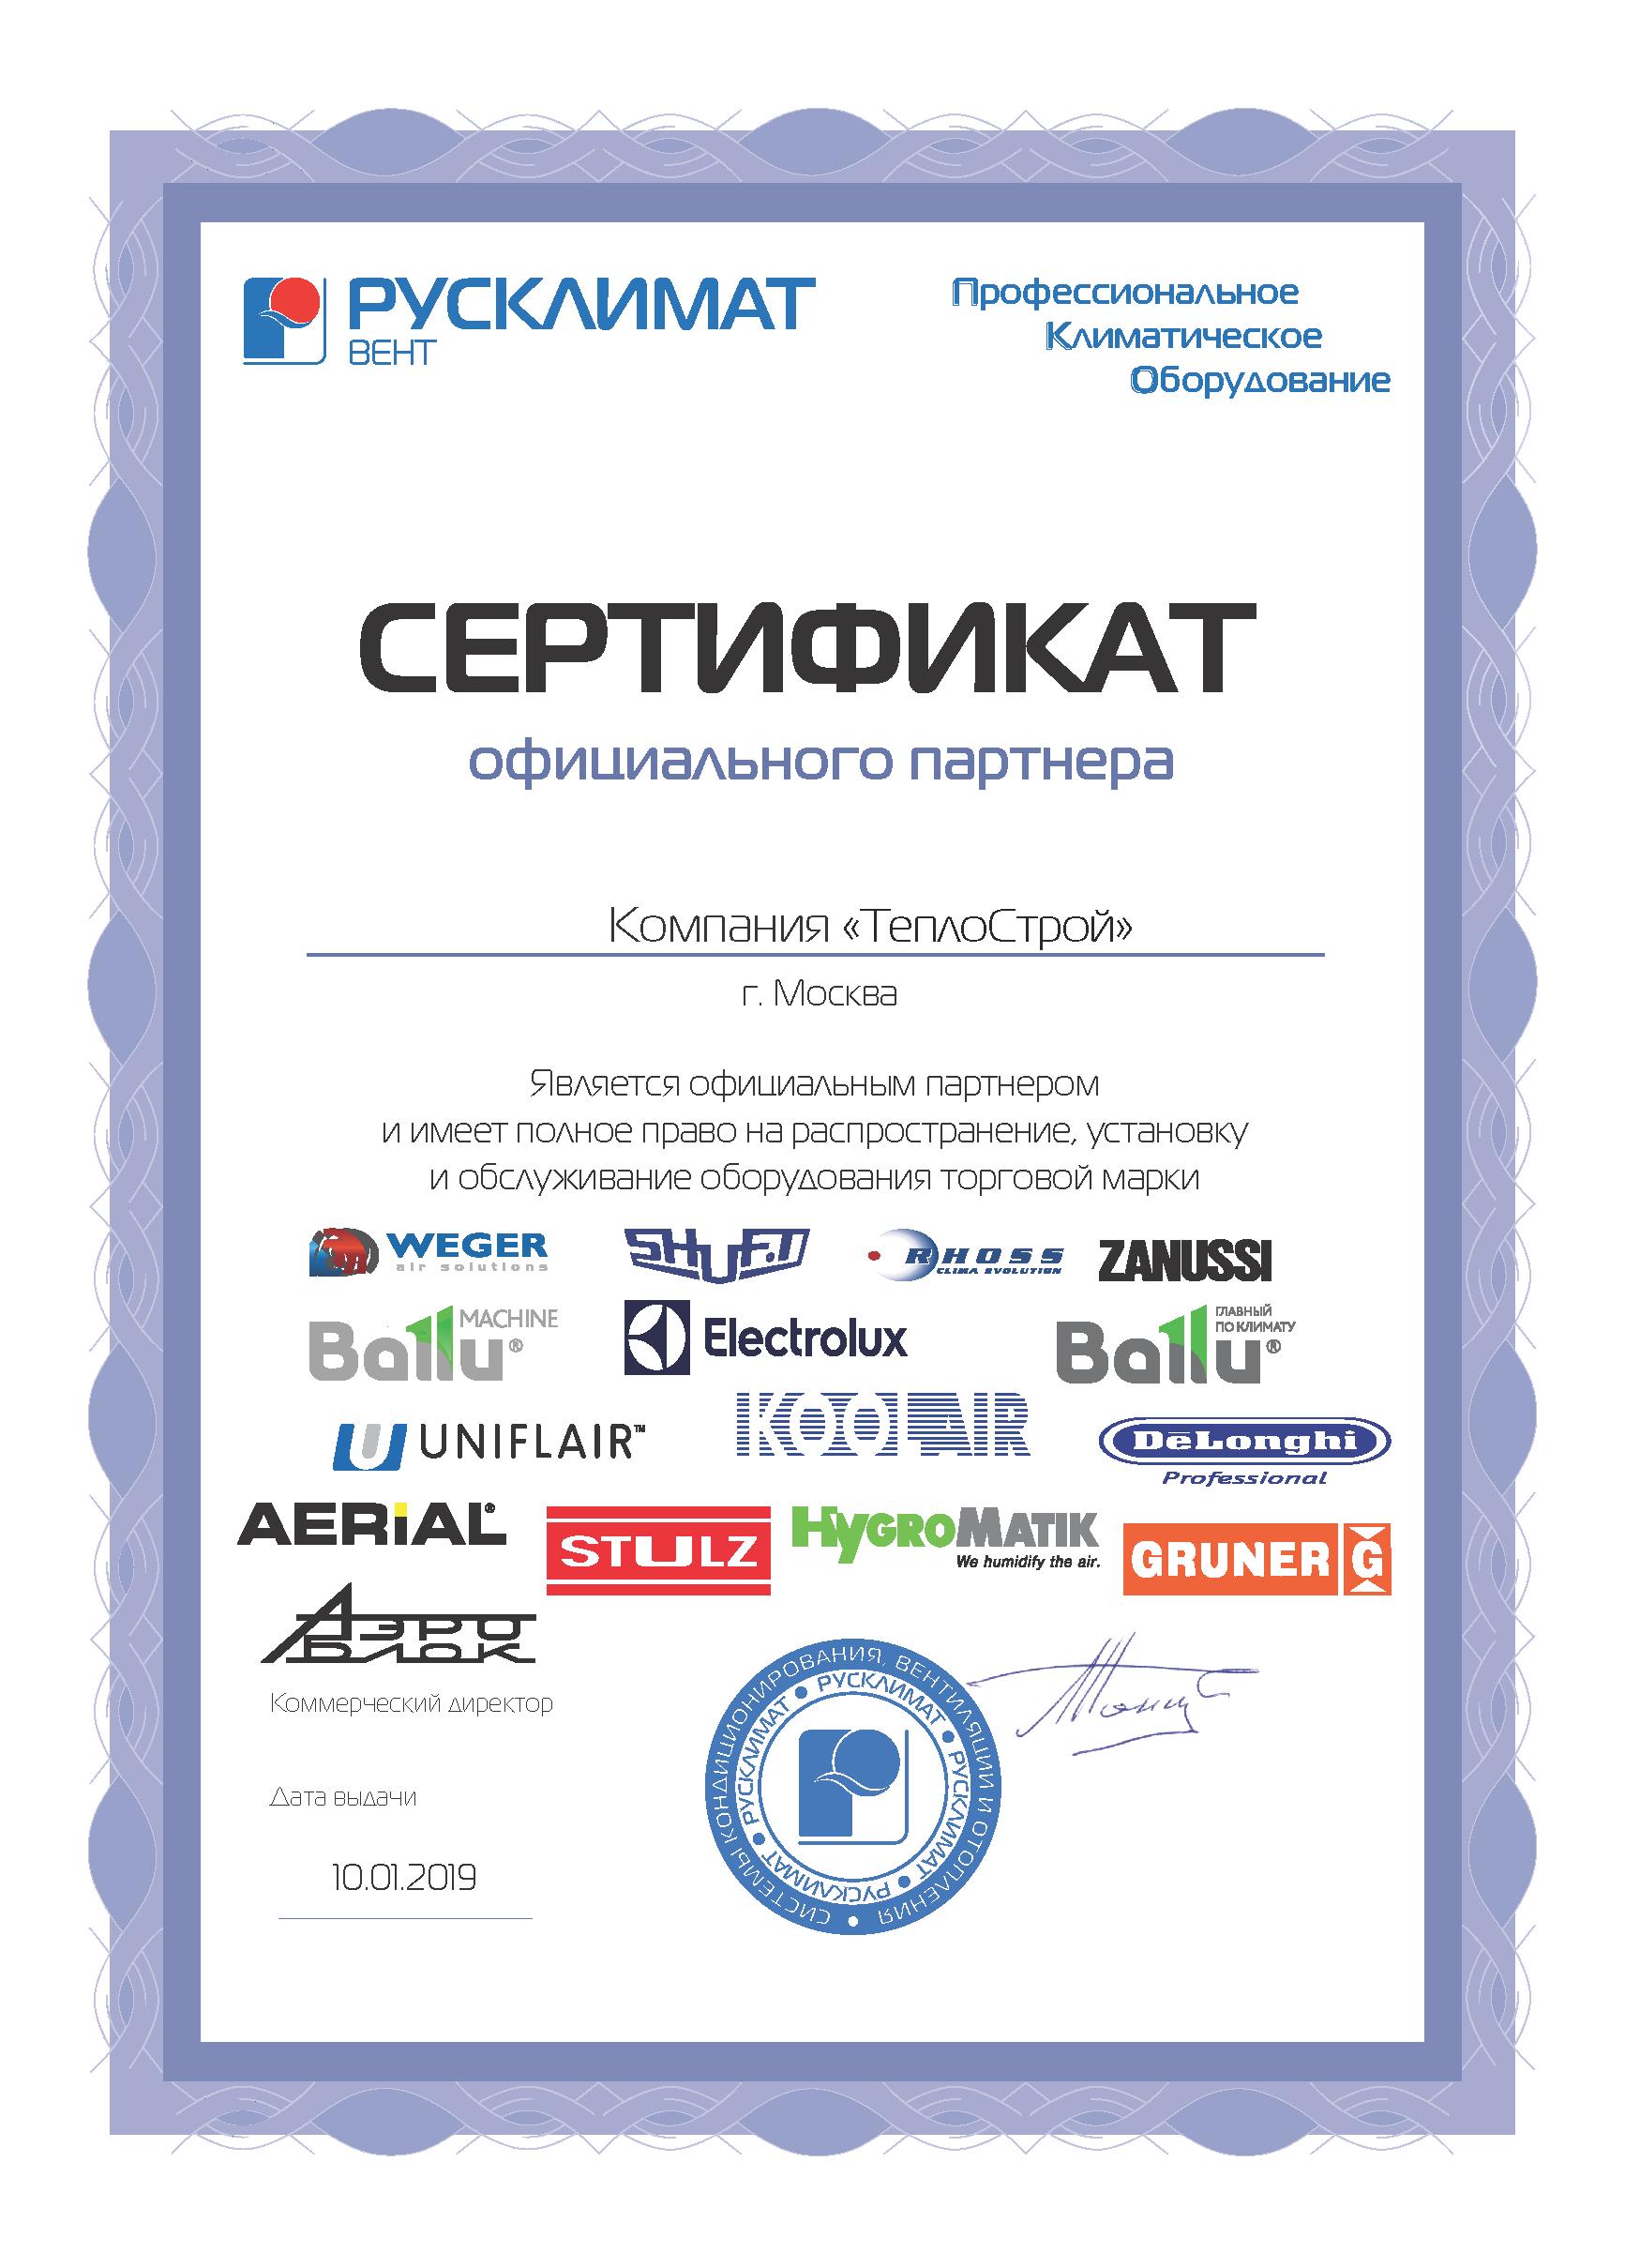 РусКлимат Вент Сертификат